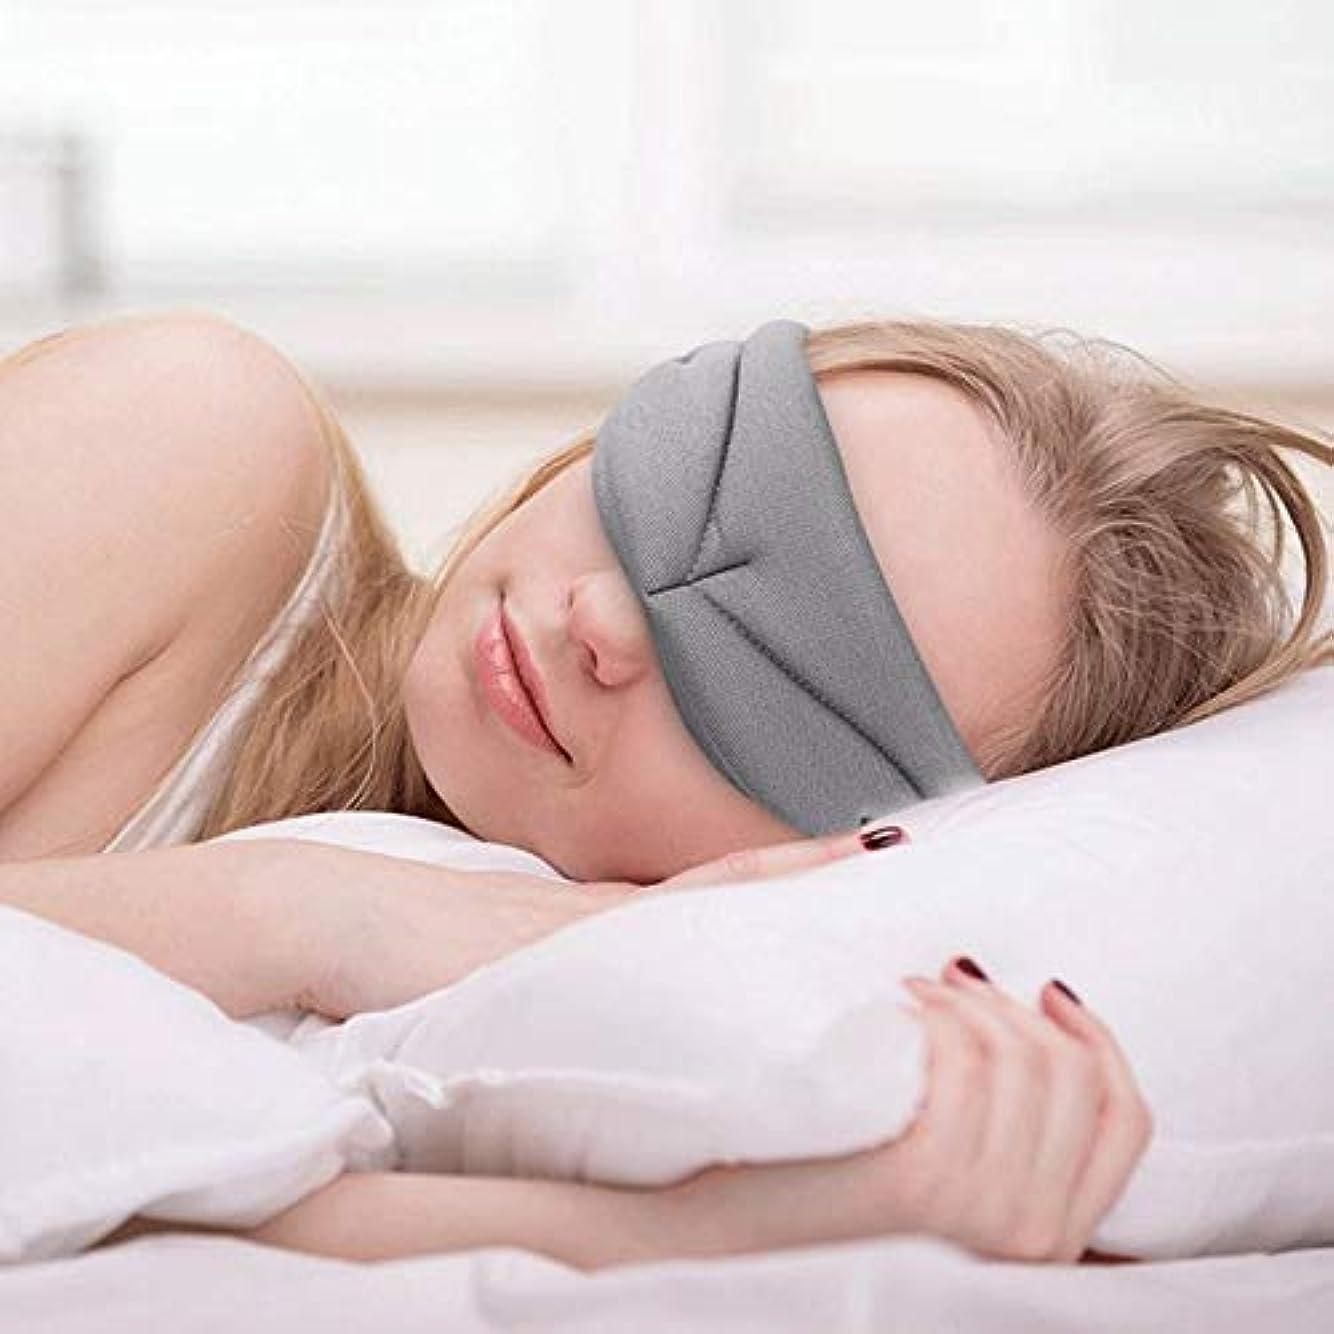 発動機回復普通に注アイパッチ包帯睡眠アイマスク休息睡眠補助用目隠し睡眠旅行リラックス3D高級ポータブルソフトアイシェードコーブ